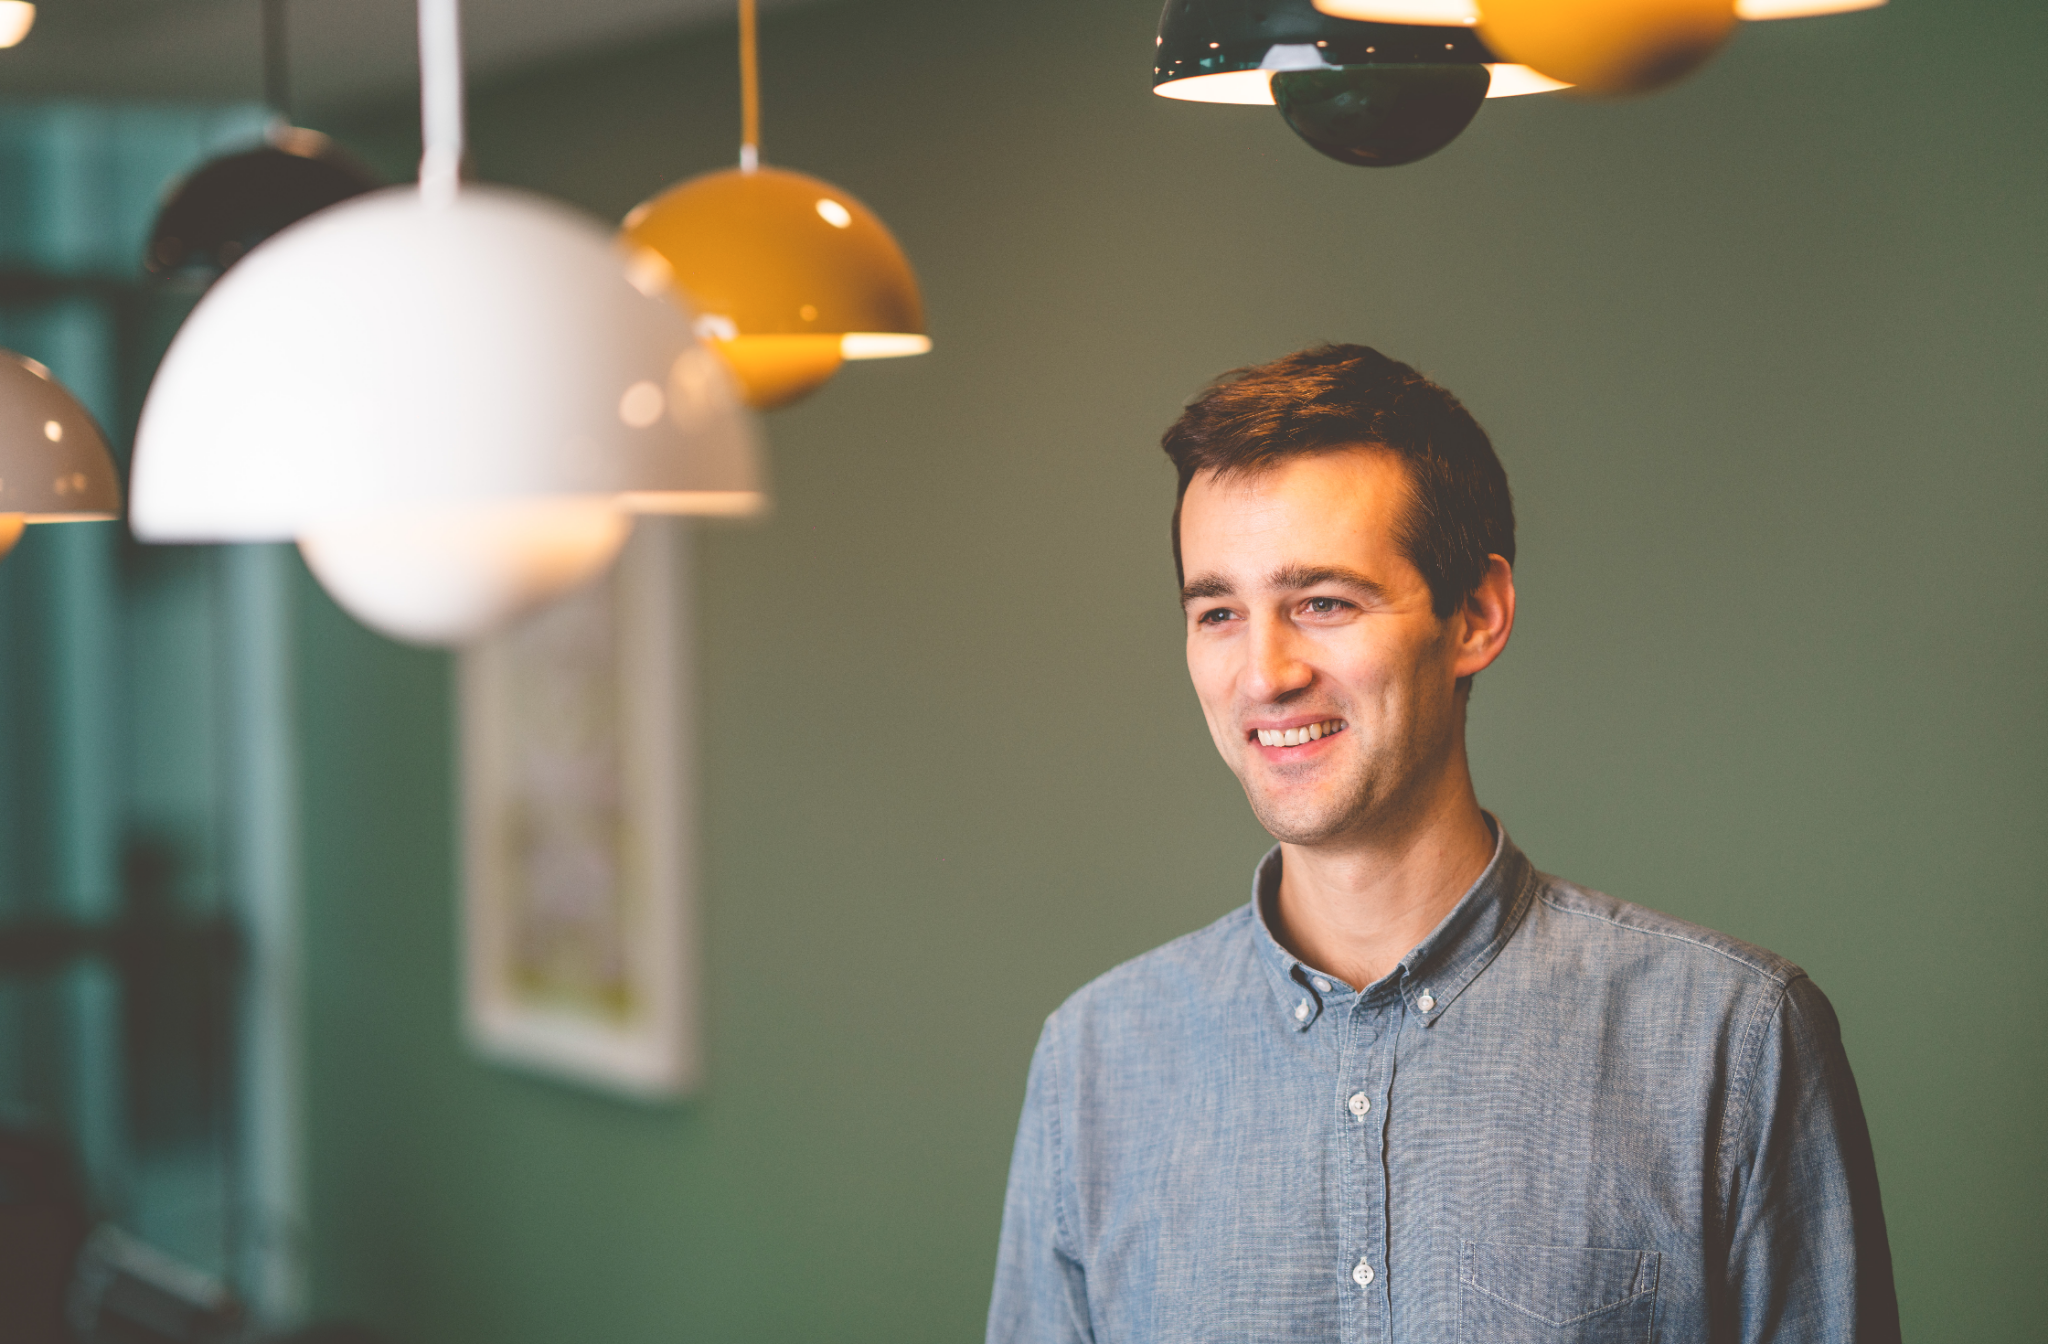 Photo of Alliott Cole, Octopus Ventures chief executive